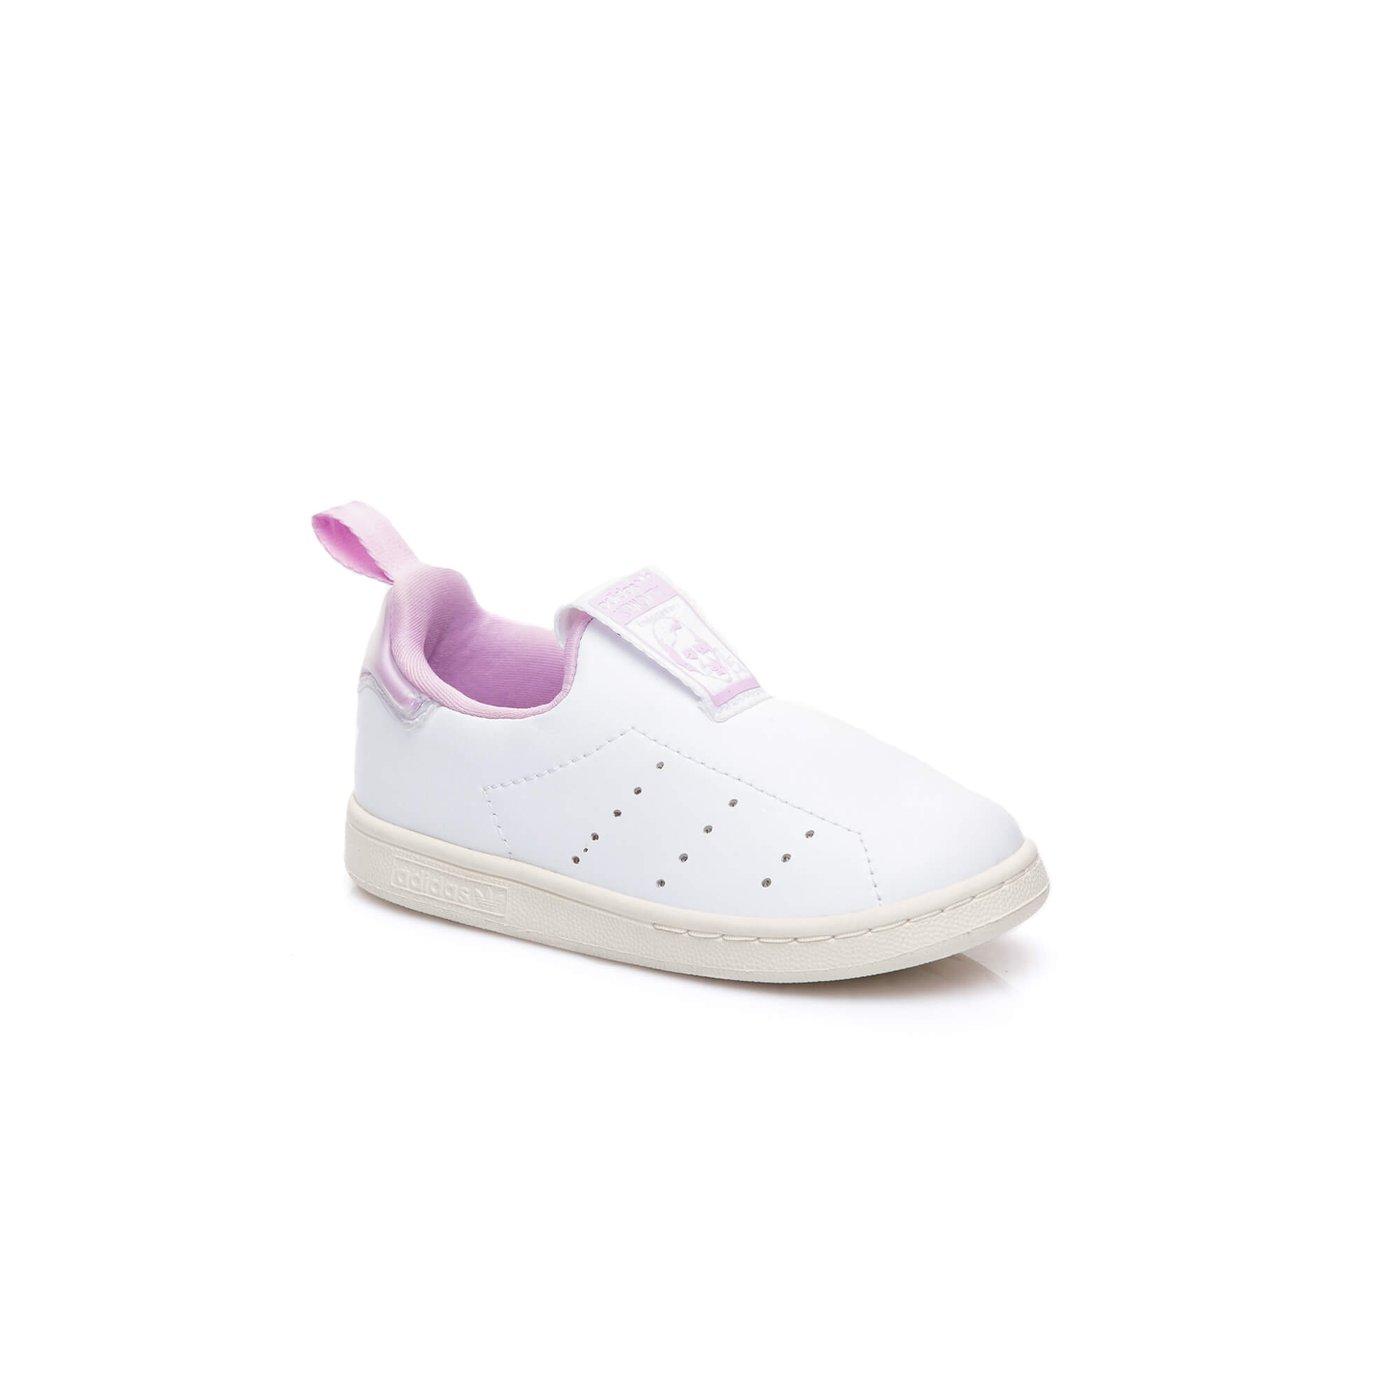 adidas Stan Smith 360 I Çocuk Beyaz Spor Ayakkabı